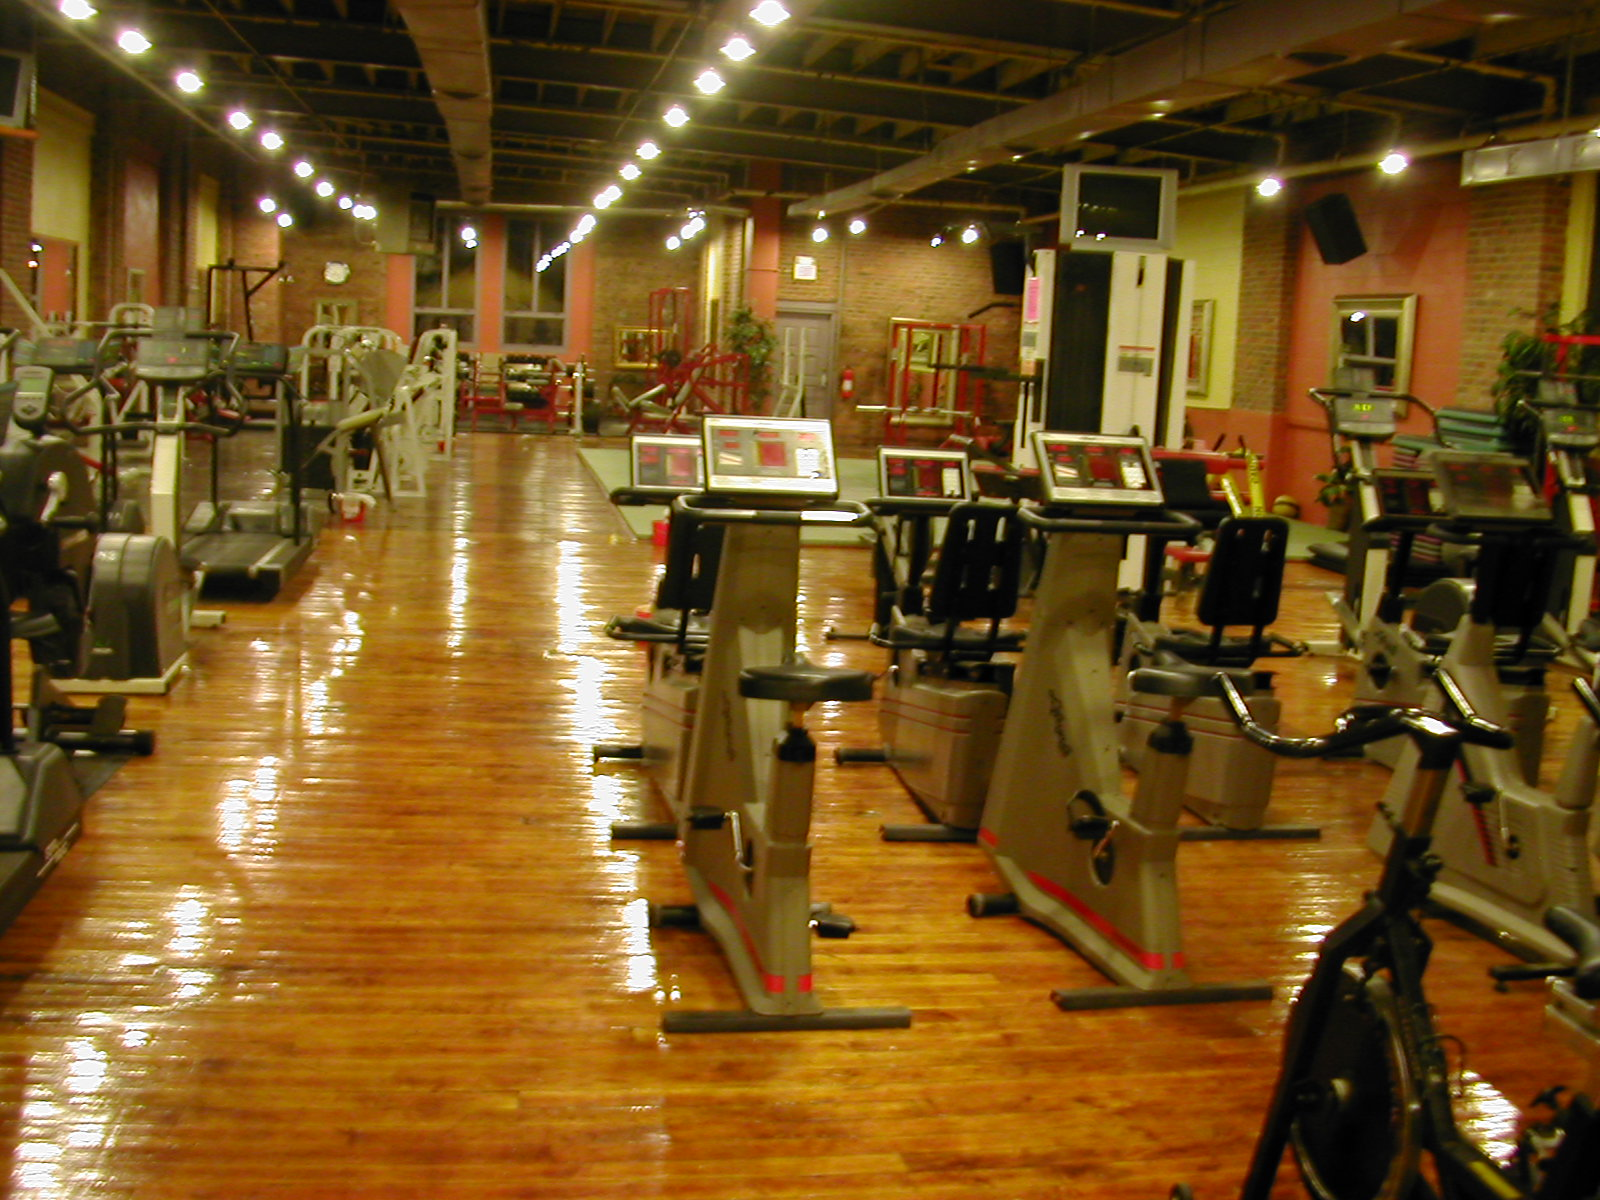 Aiki_3_months_and_Gym_2nd_floor_0104_089 (2)